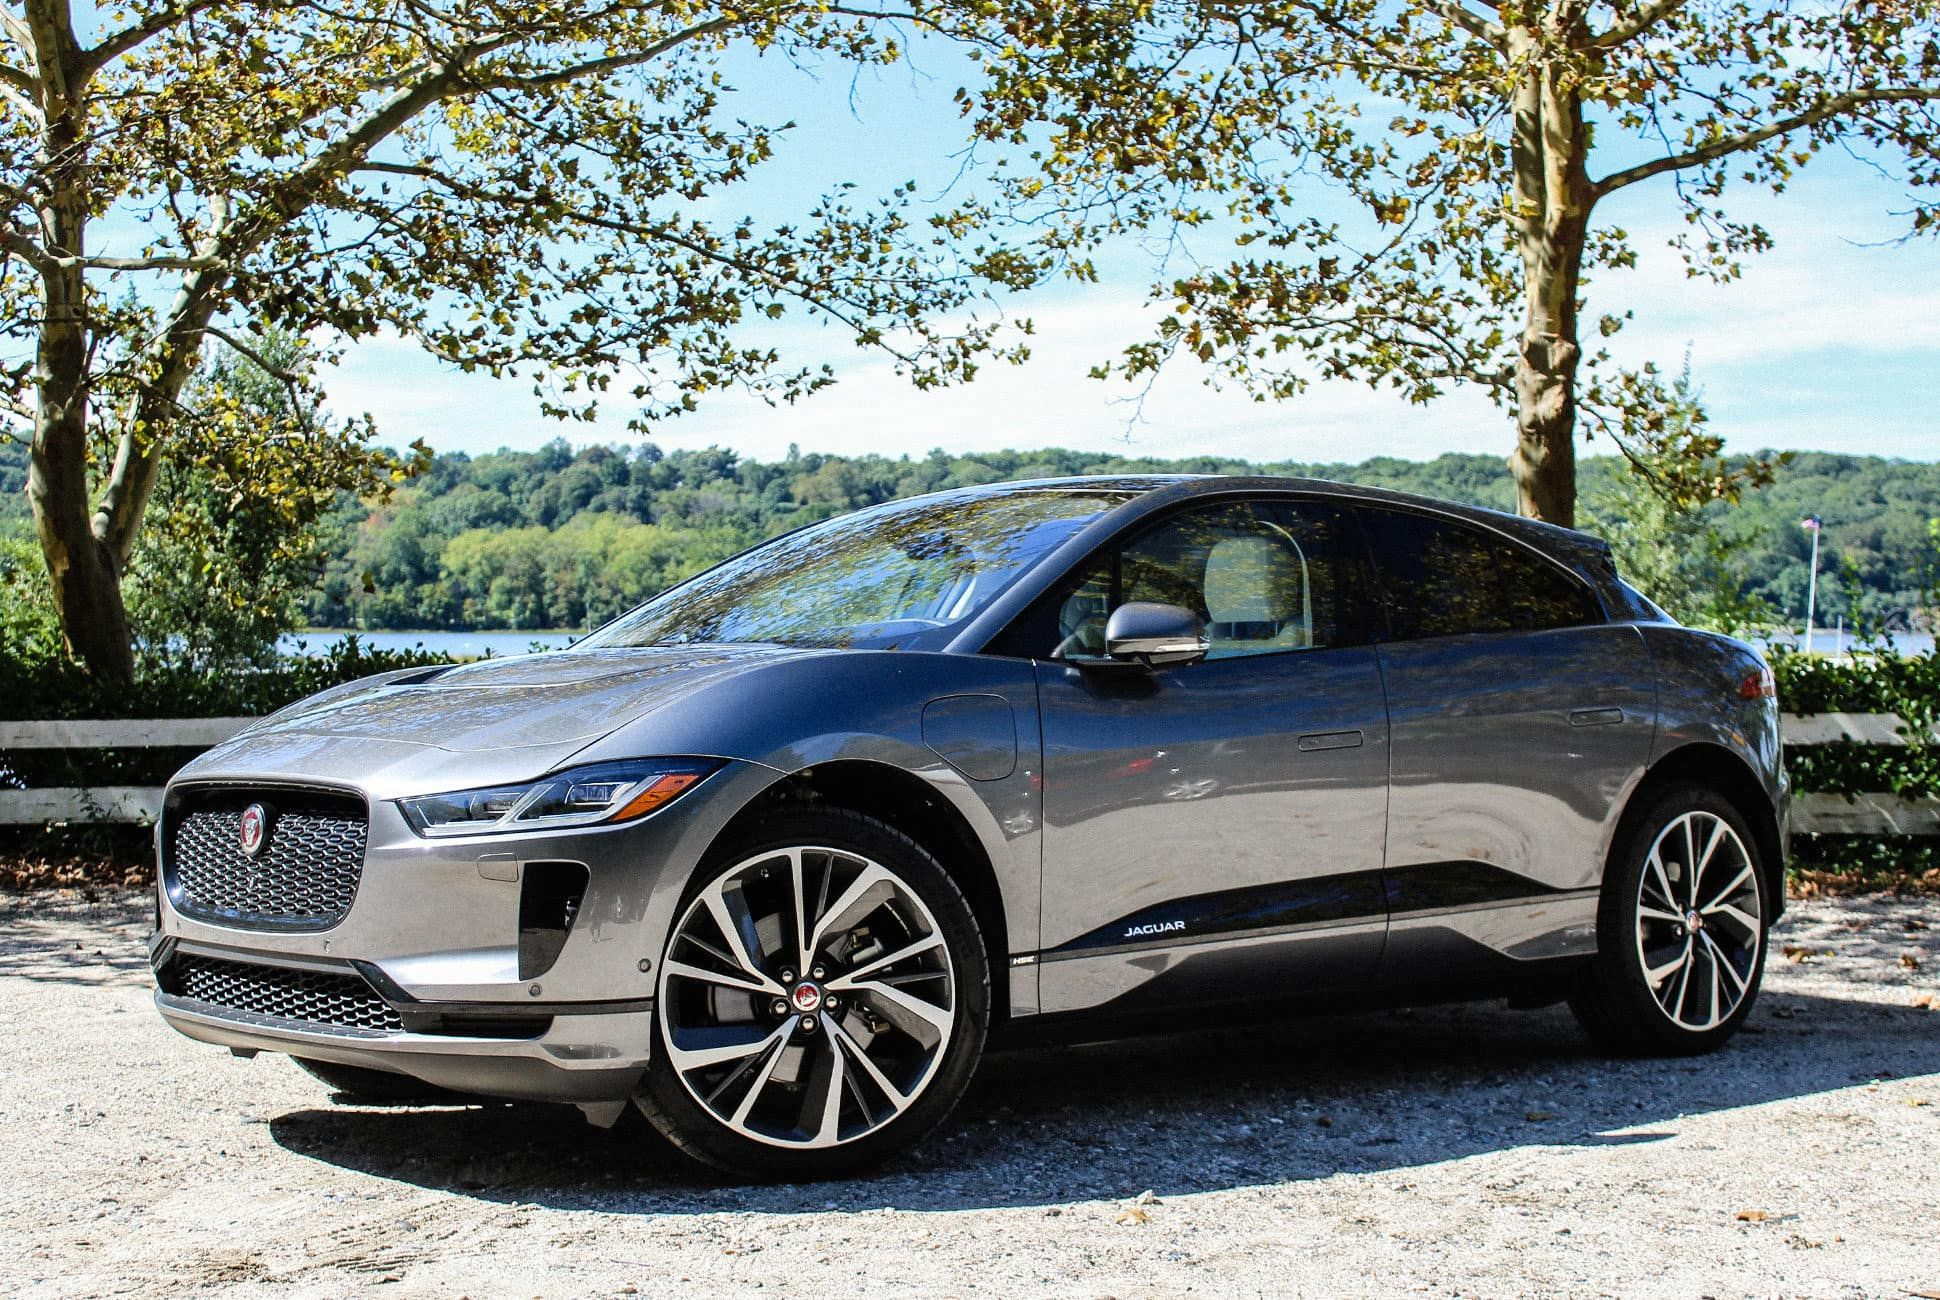 Jaguar-I-Pace-Review-gear-patrol-slide-1